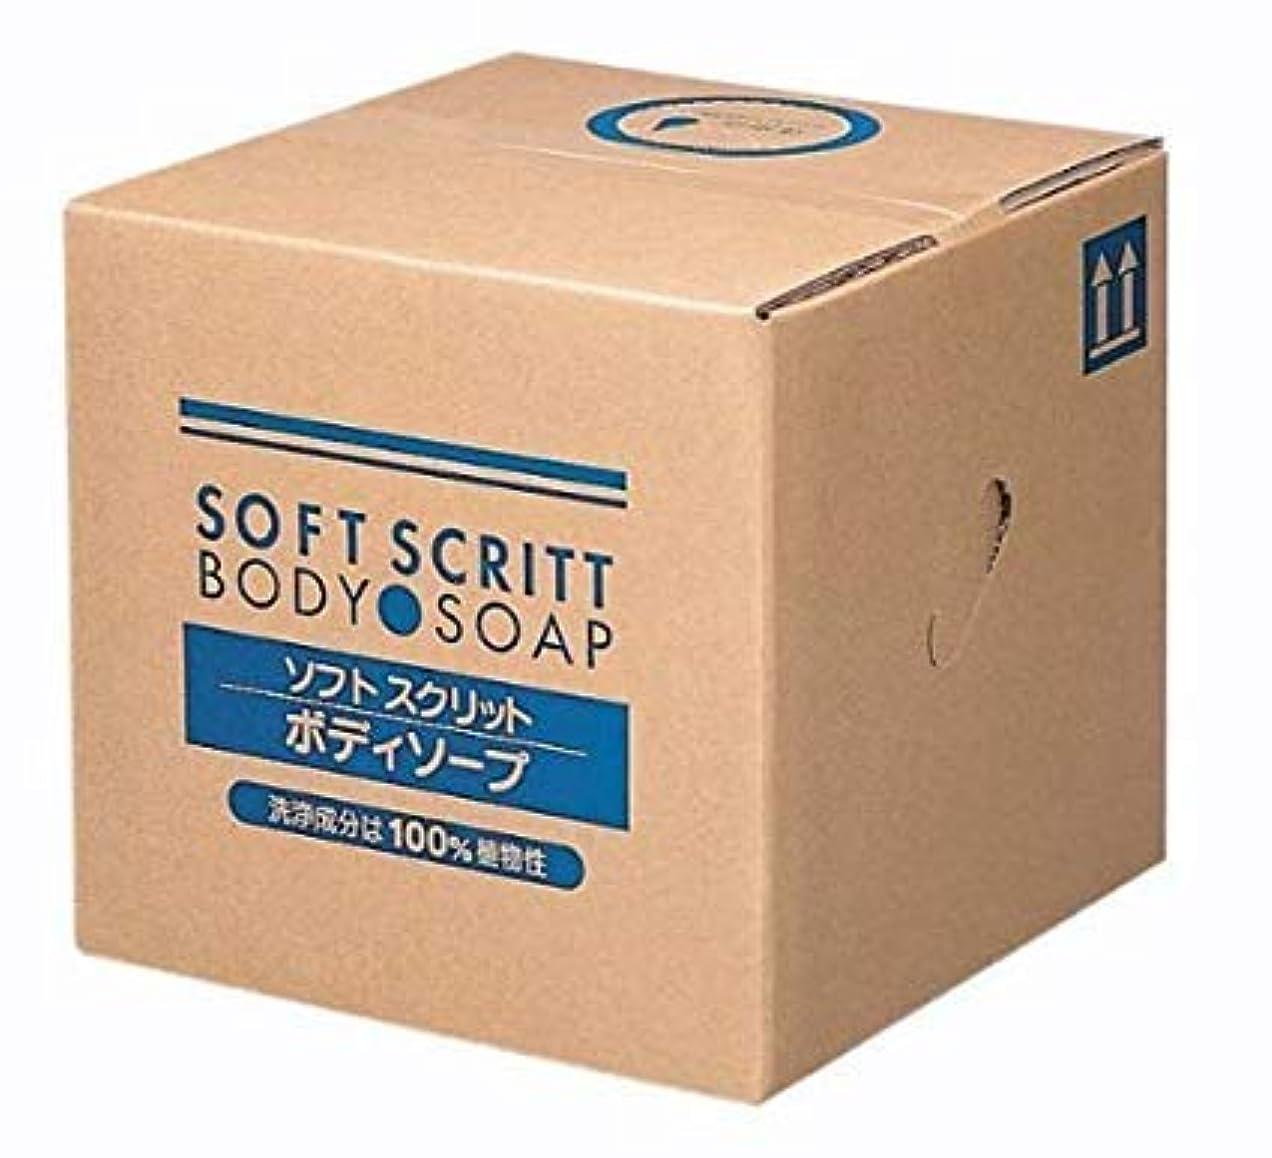 ピックいじめっ子超音速SOFT SCRITT(ソフトスクリット) ボディソープ 詰替用 18L 4353 (熊野油脂) (清拭小物)